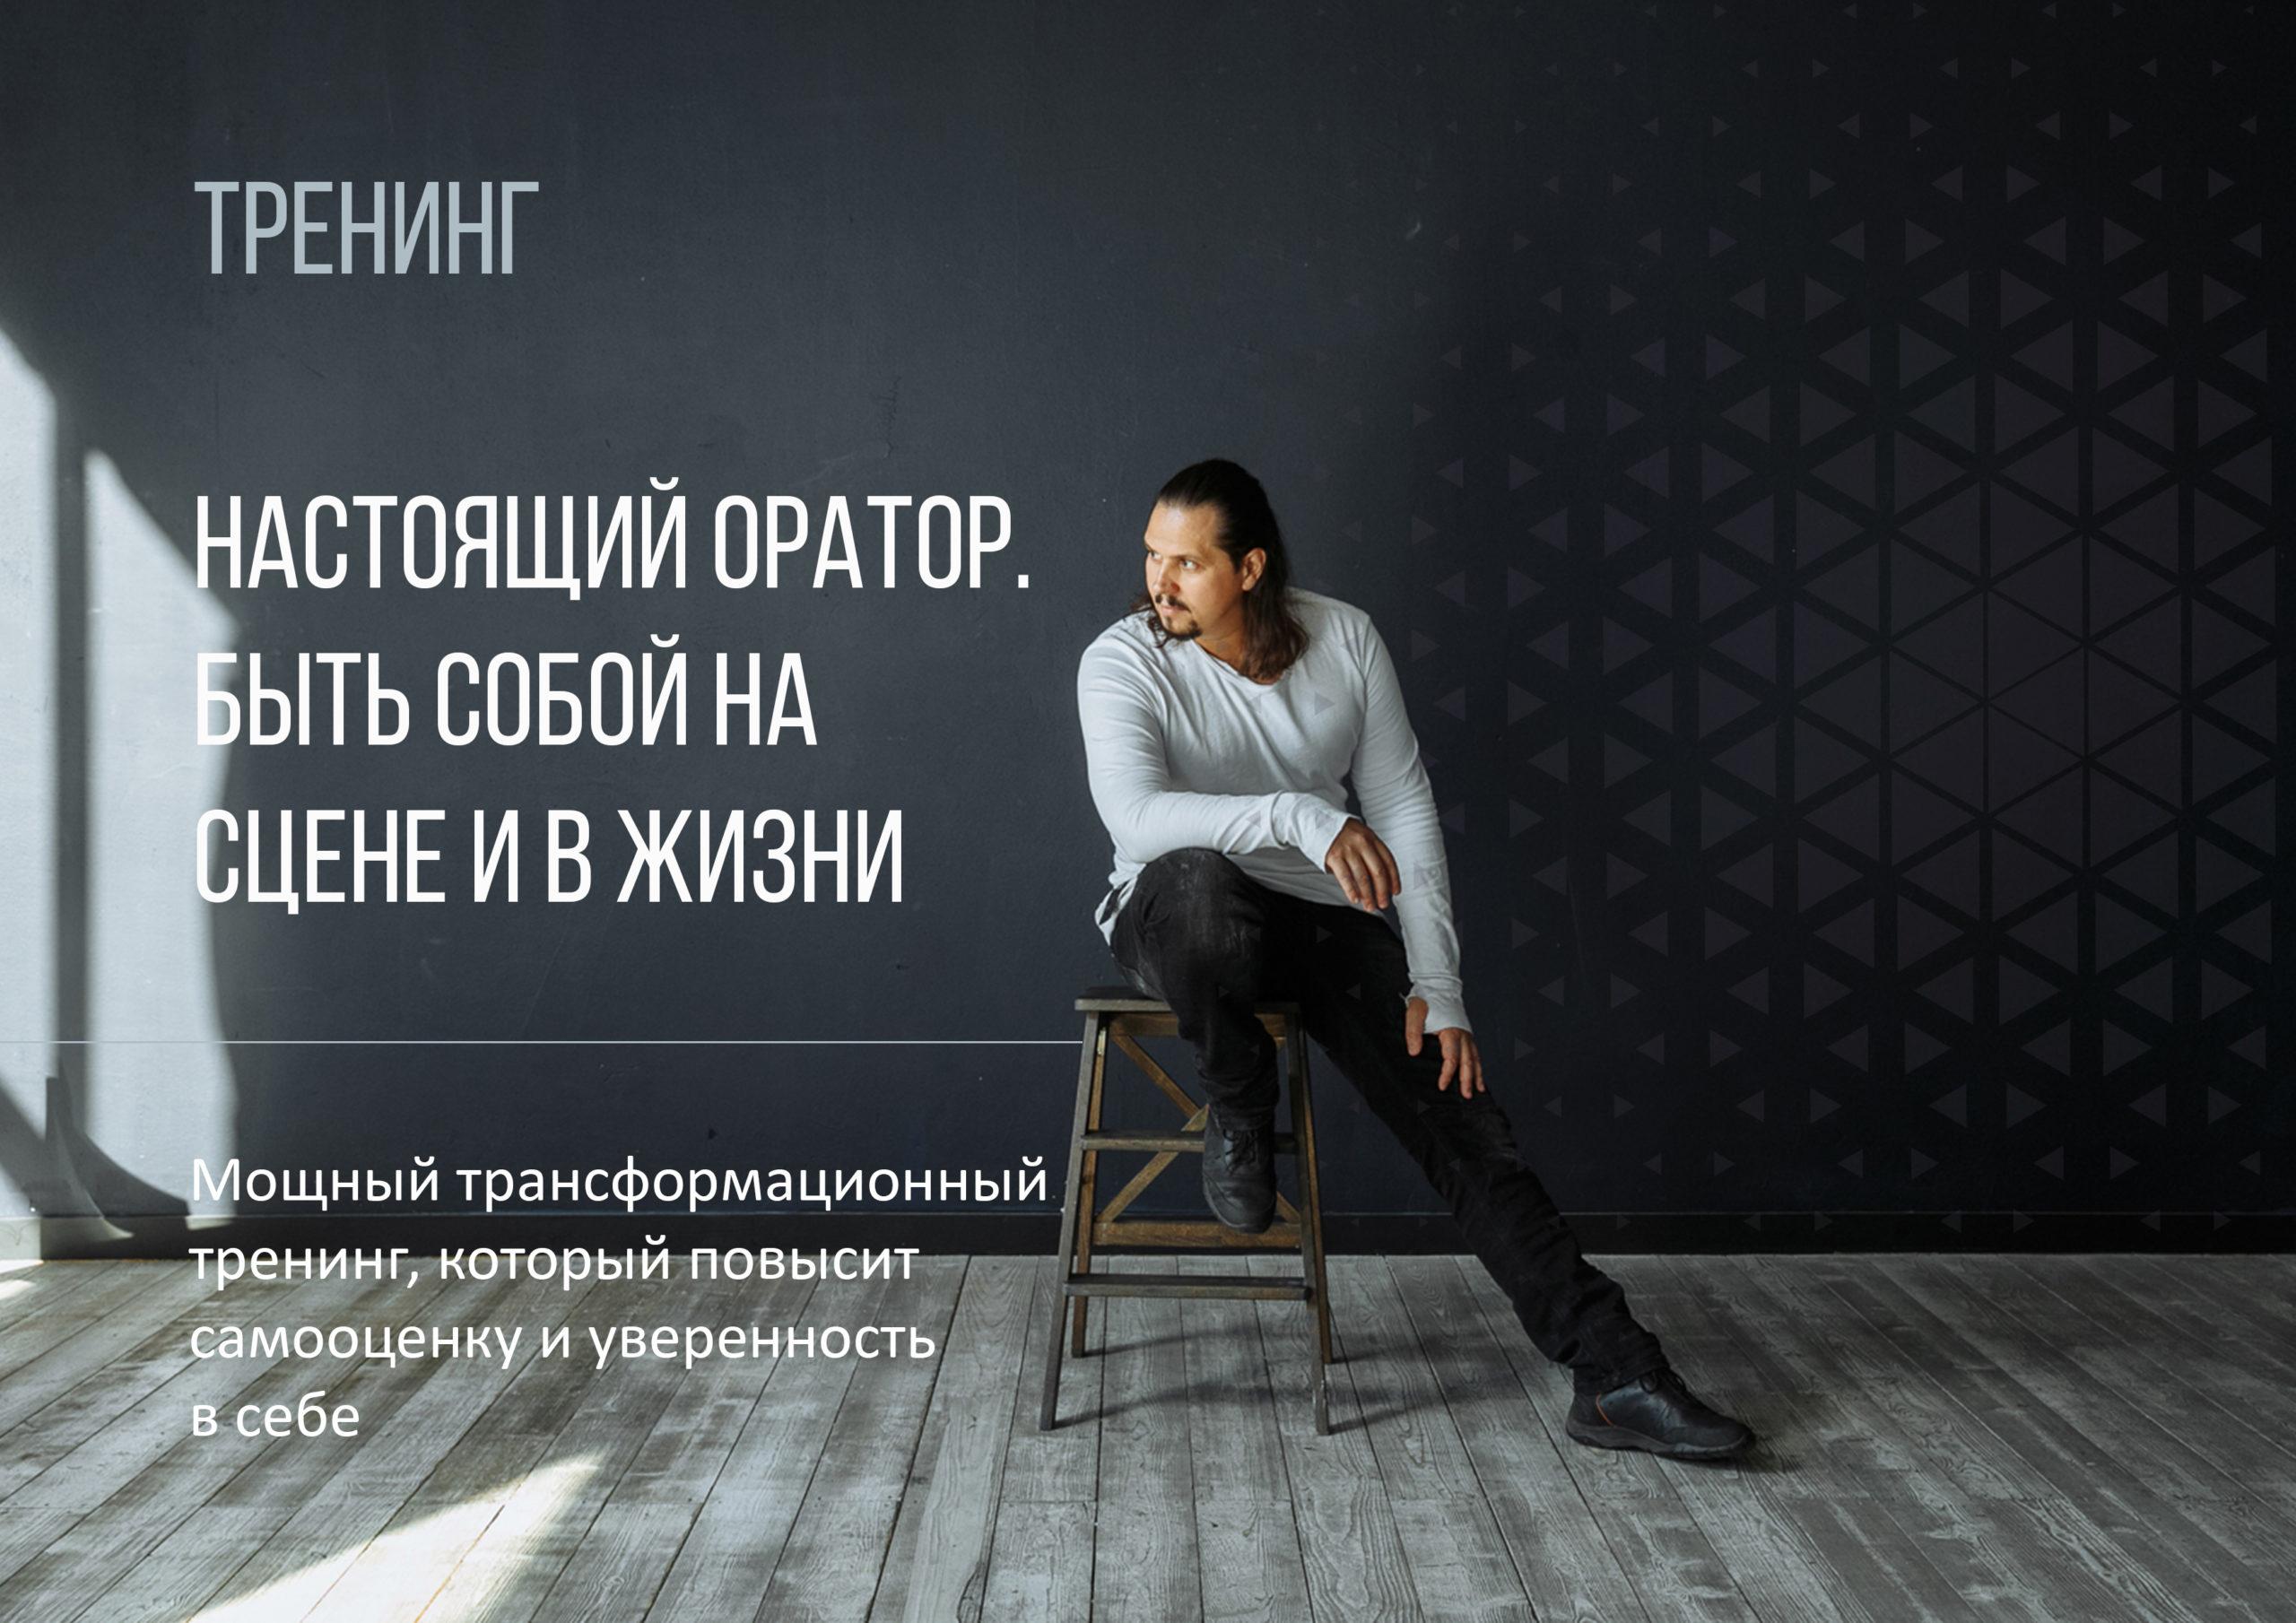 05 Настоящий оратор Афиша